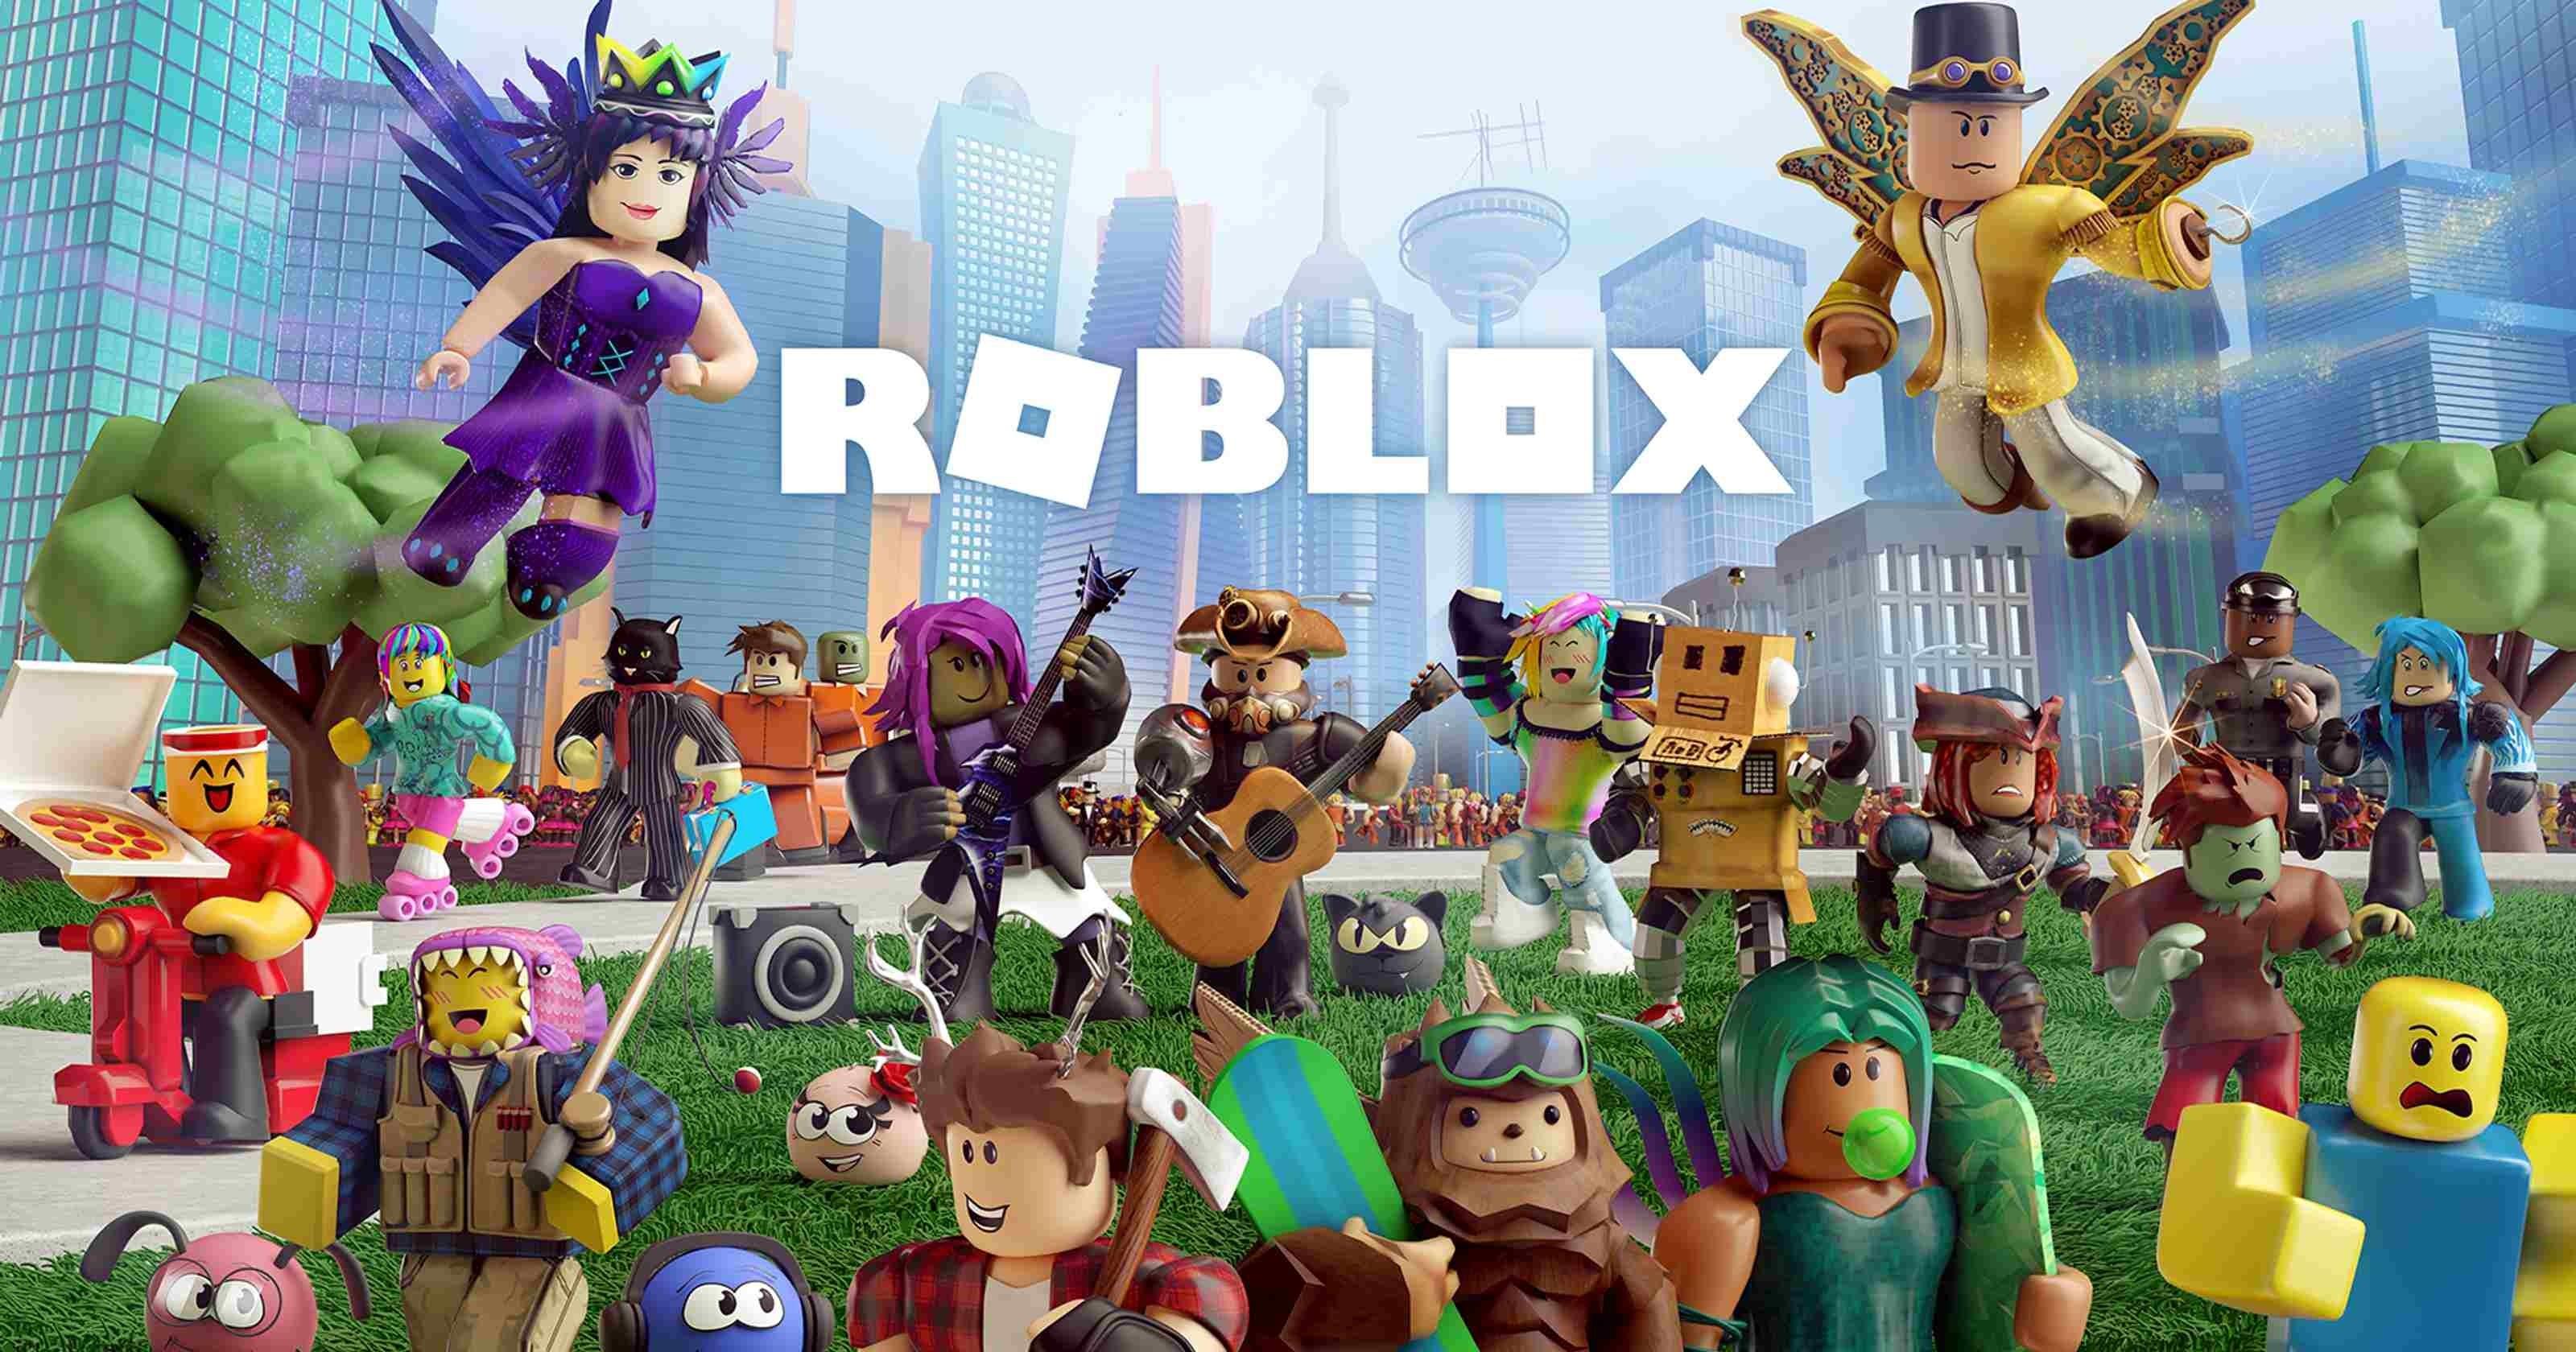 Hình nền Roblox dễ thương 3200x1680